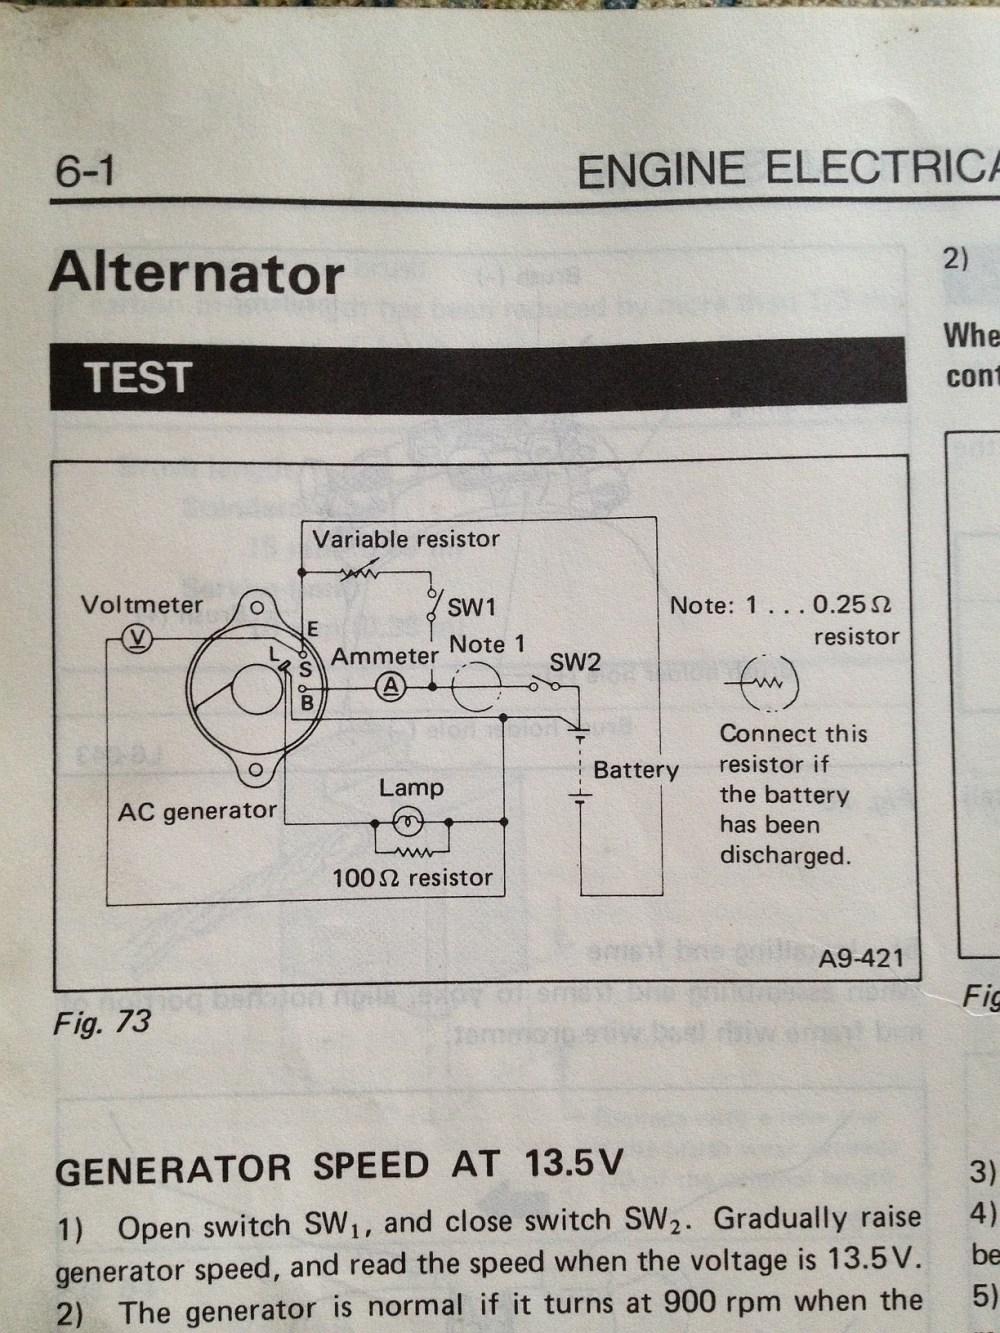 medium resolution of 1985 subaru gl wagon alternator wiring diagram old gen 80 s gl subaru forester alternator wiring subaru alternator wiring source 2002 h6 outback